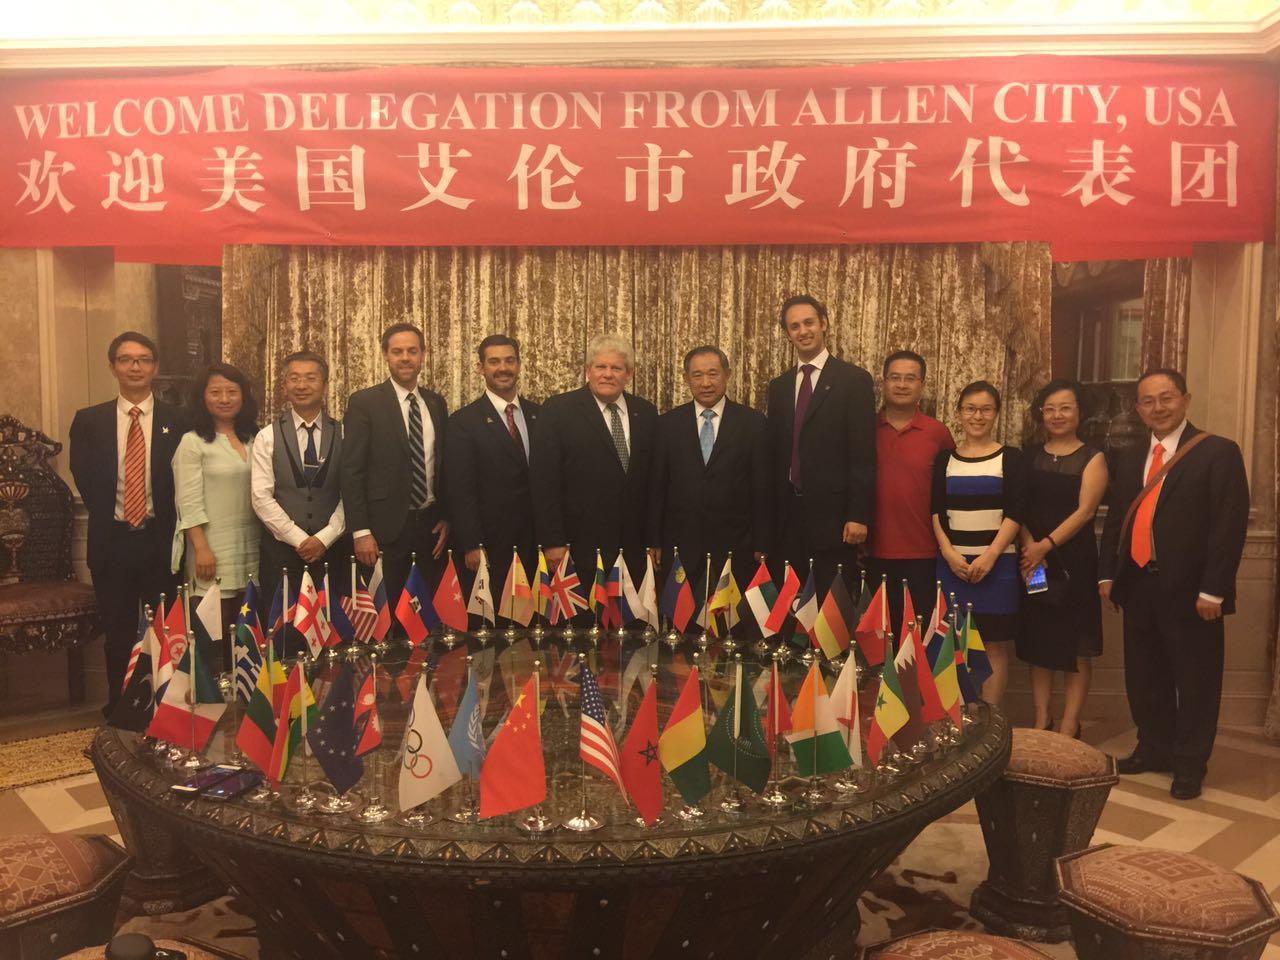 美国德州艾伦市长率团访问中国世界和平基金会